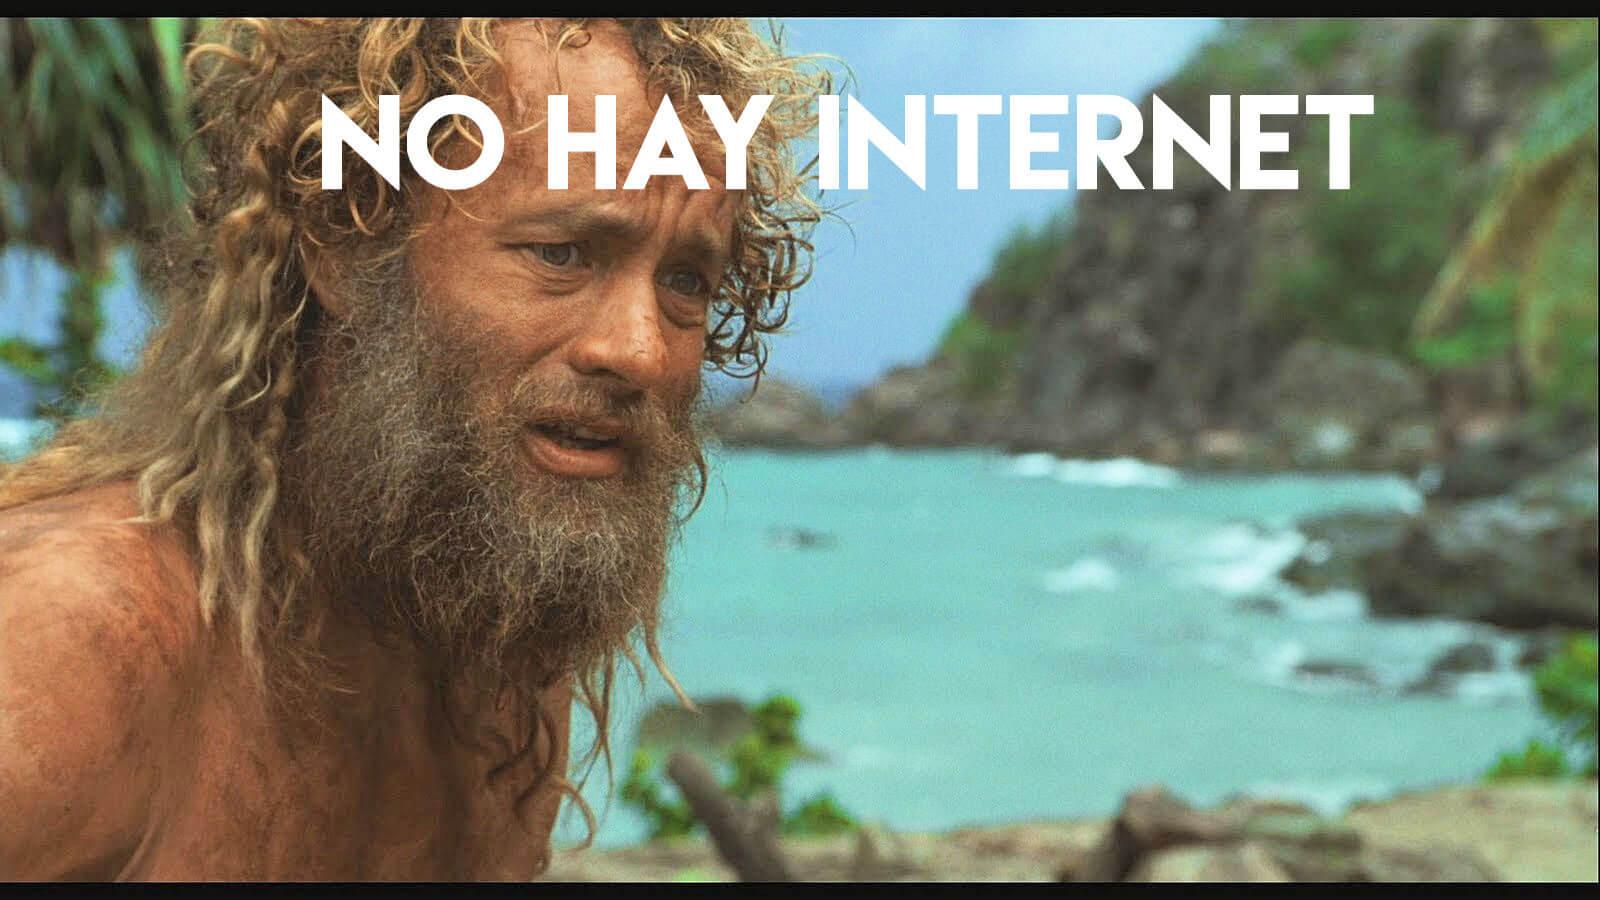 tengo internet pero no puedo navegar